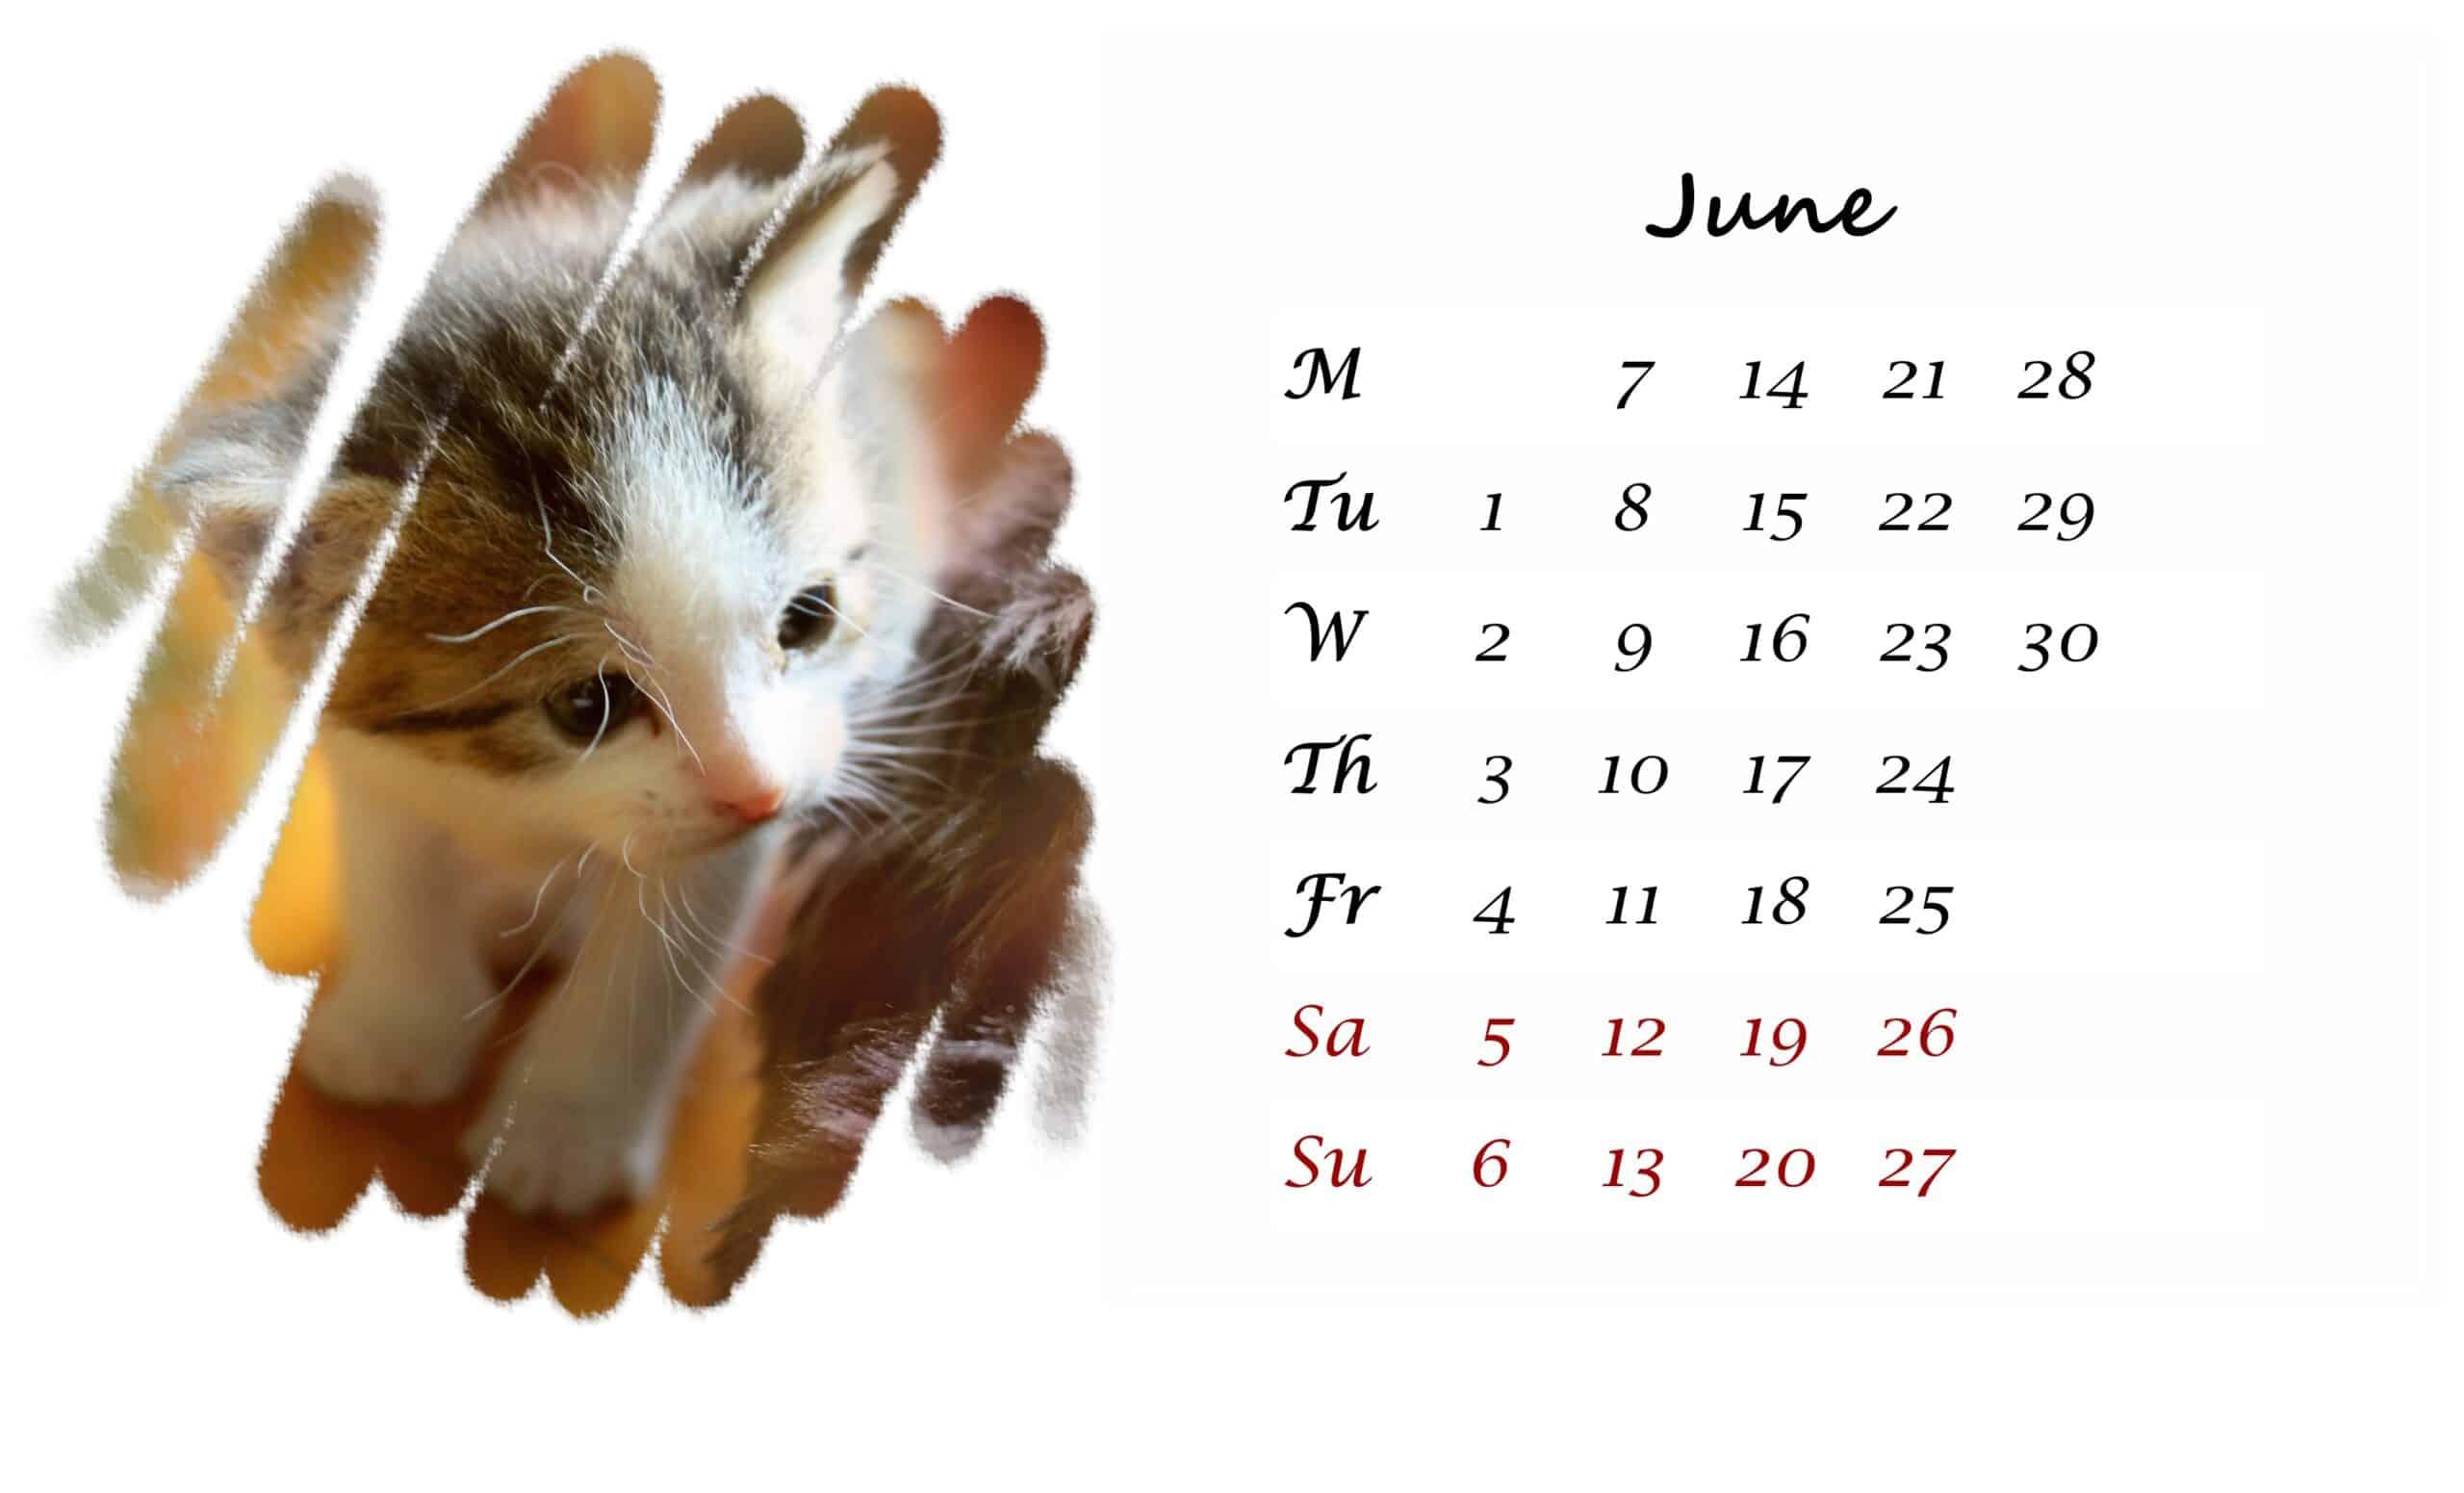 2021 June printable calendar